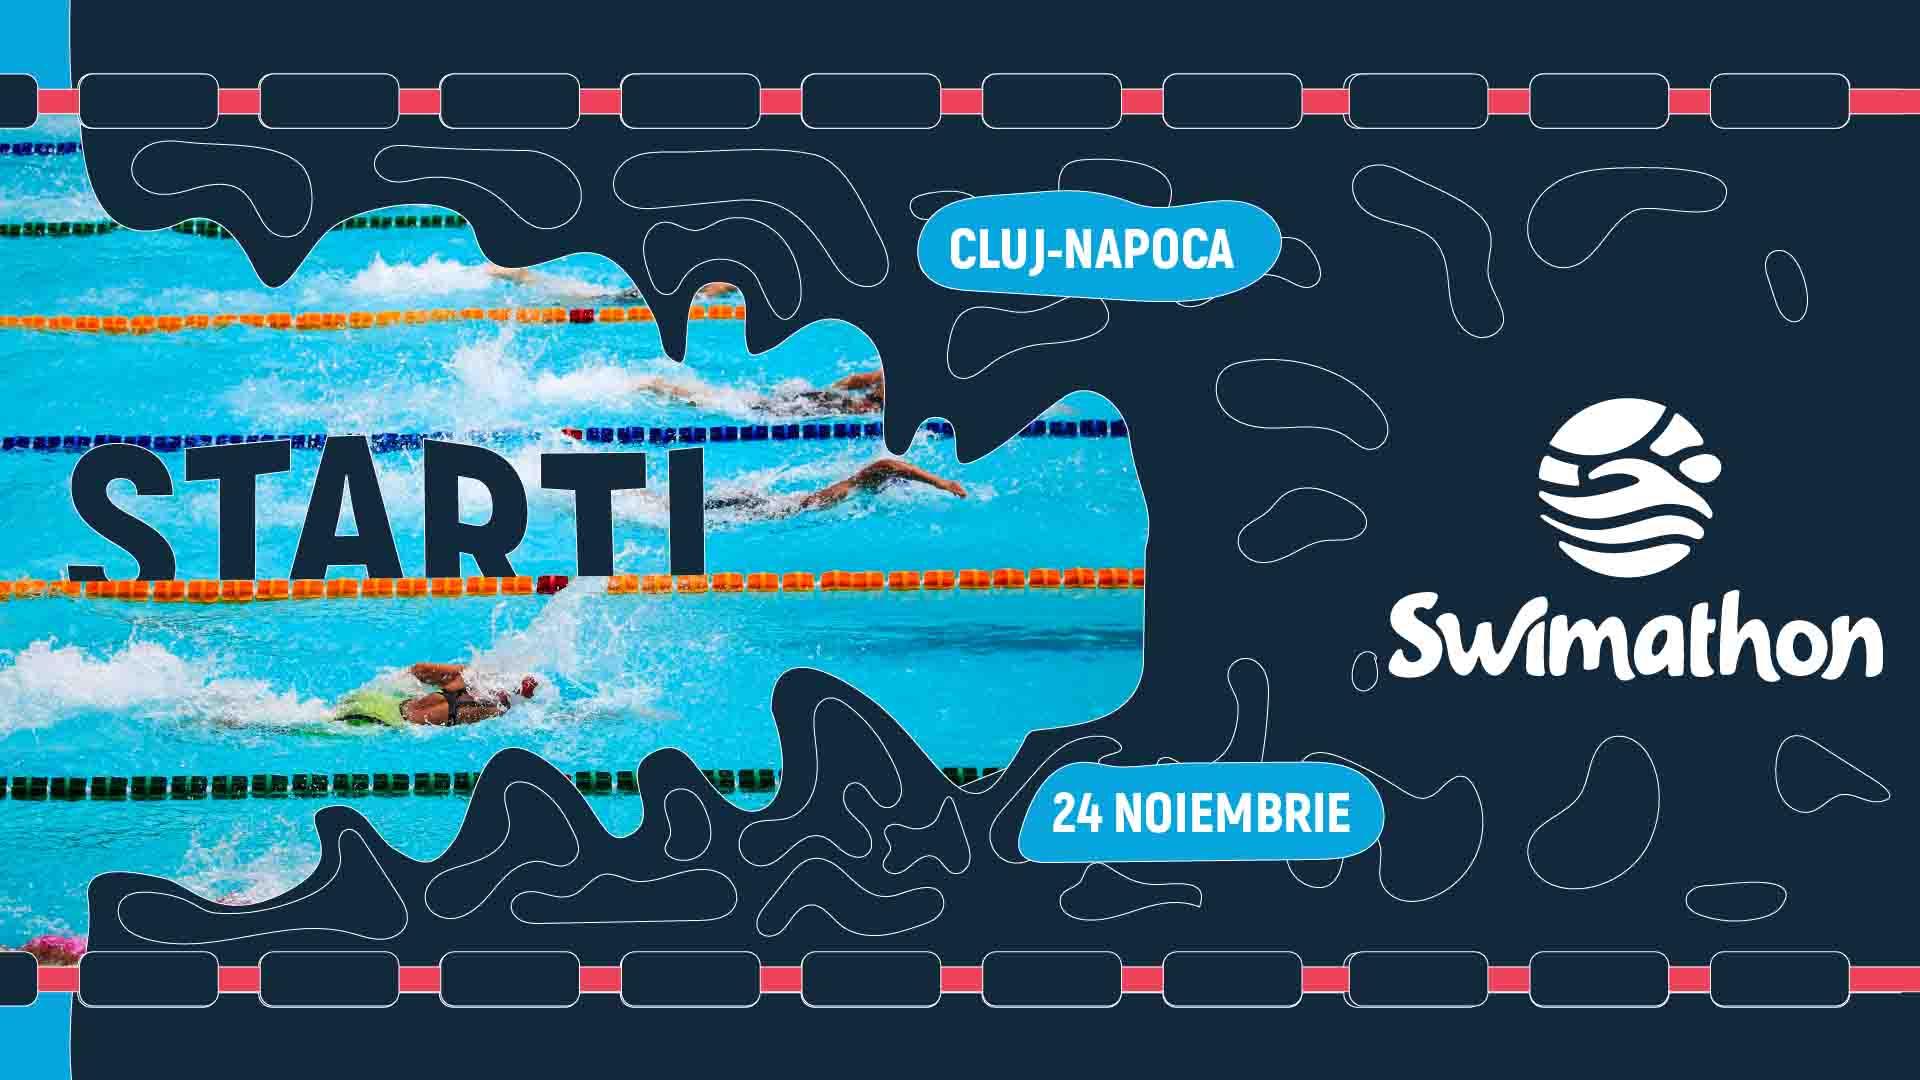 Sâmbătă se dă startul la Swimathon 2018! Peste 100 de clujeni s-au înscris pentru a înota în scop caritabil!